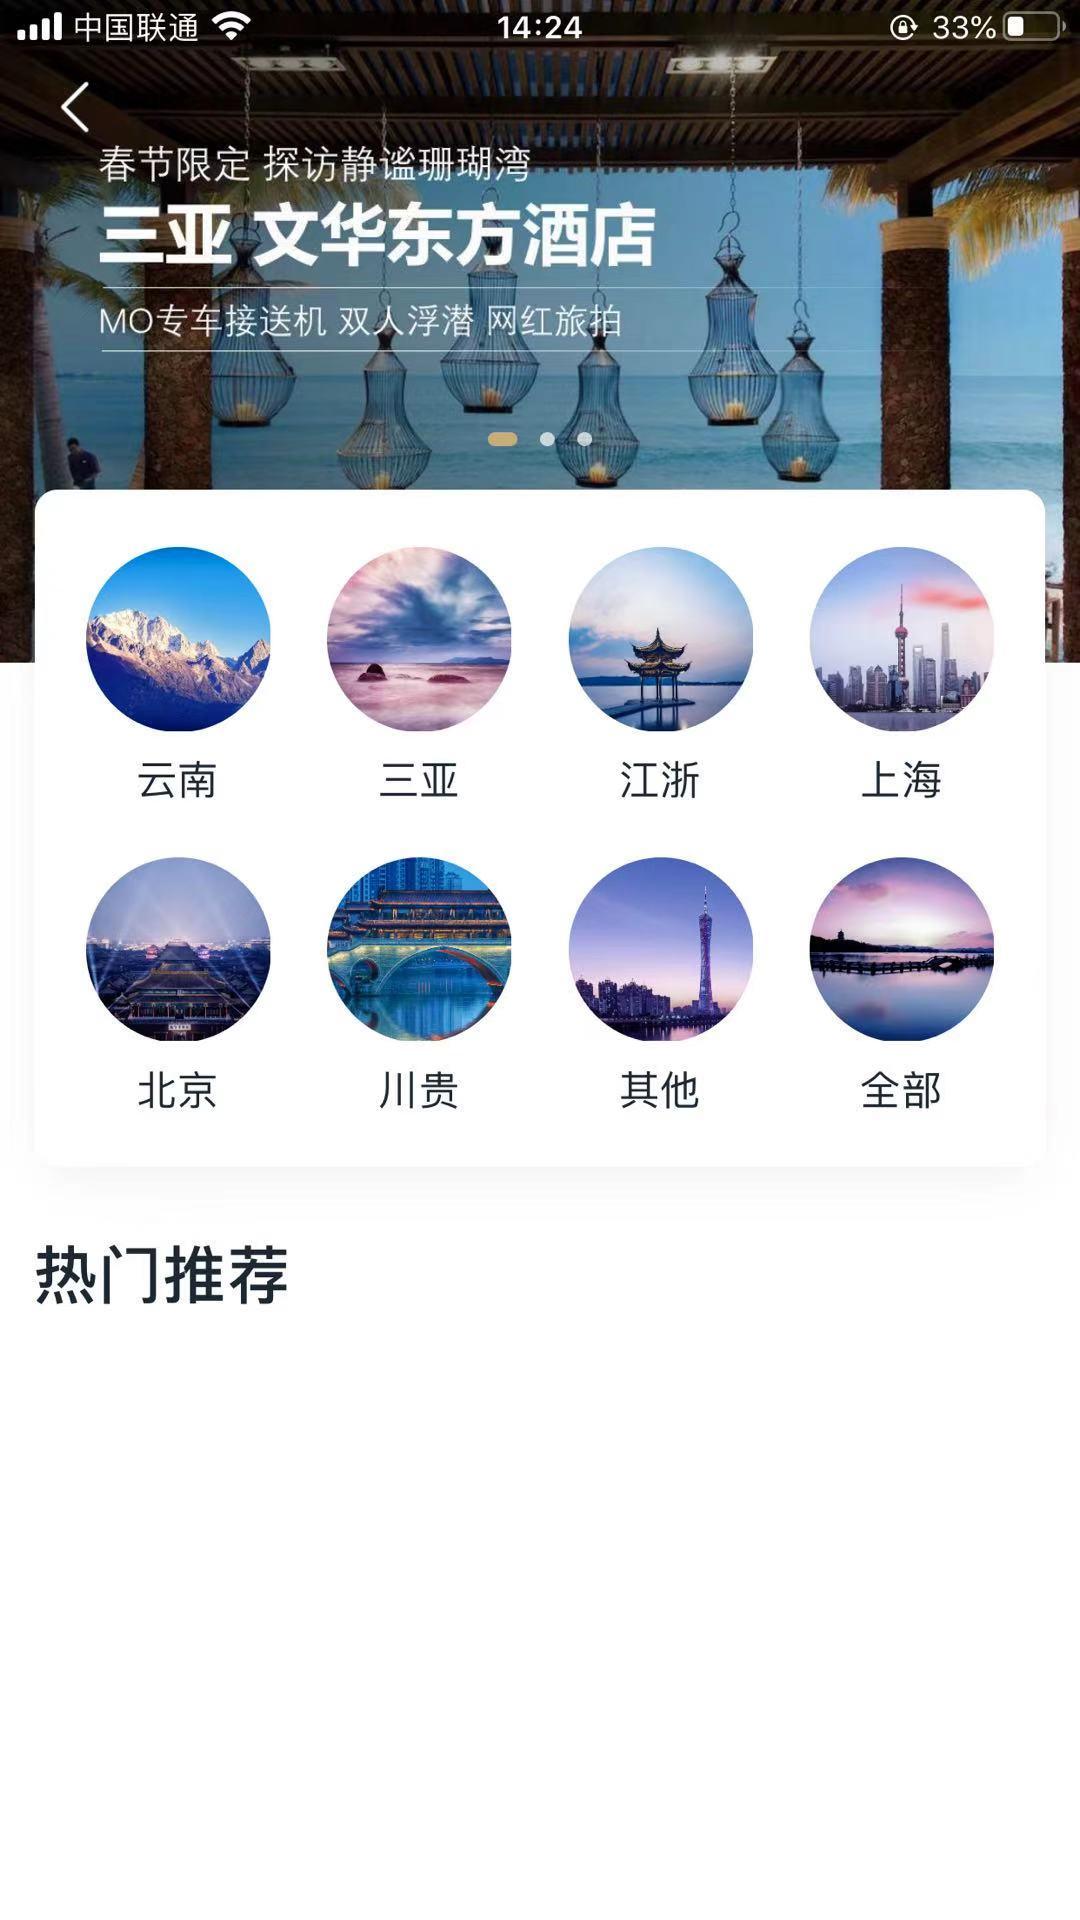 仿阡鹿旅游app源码,高端定制游系统源码-芊雅企服